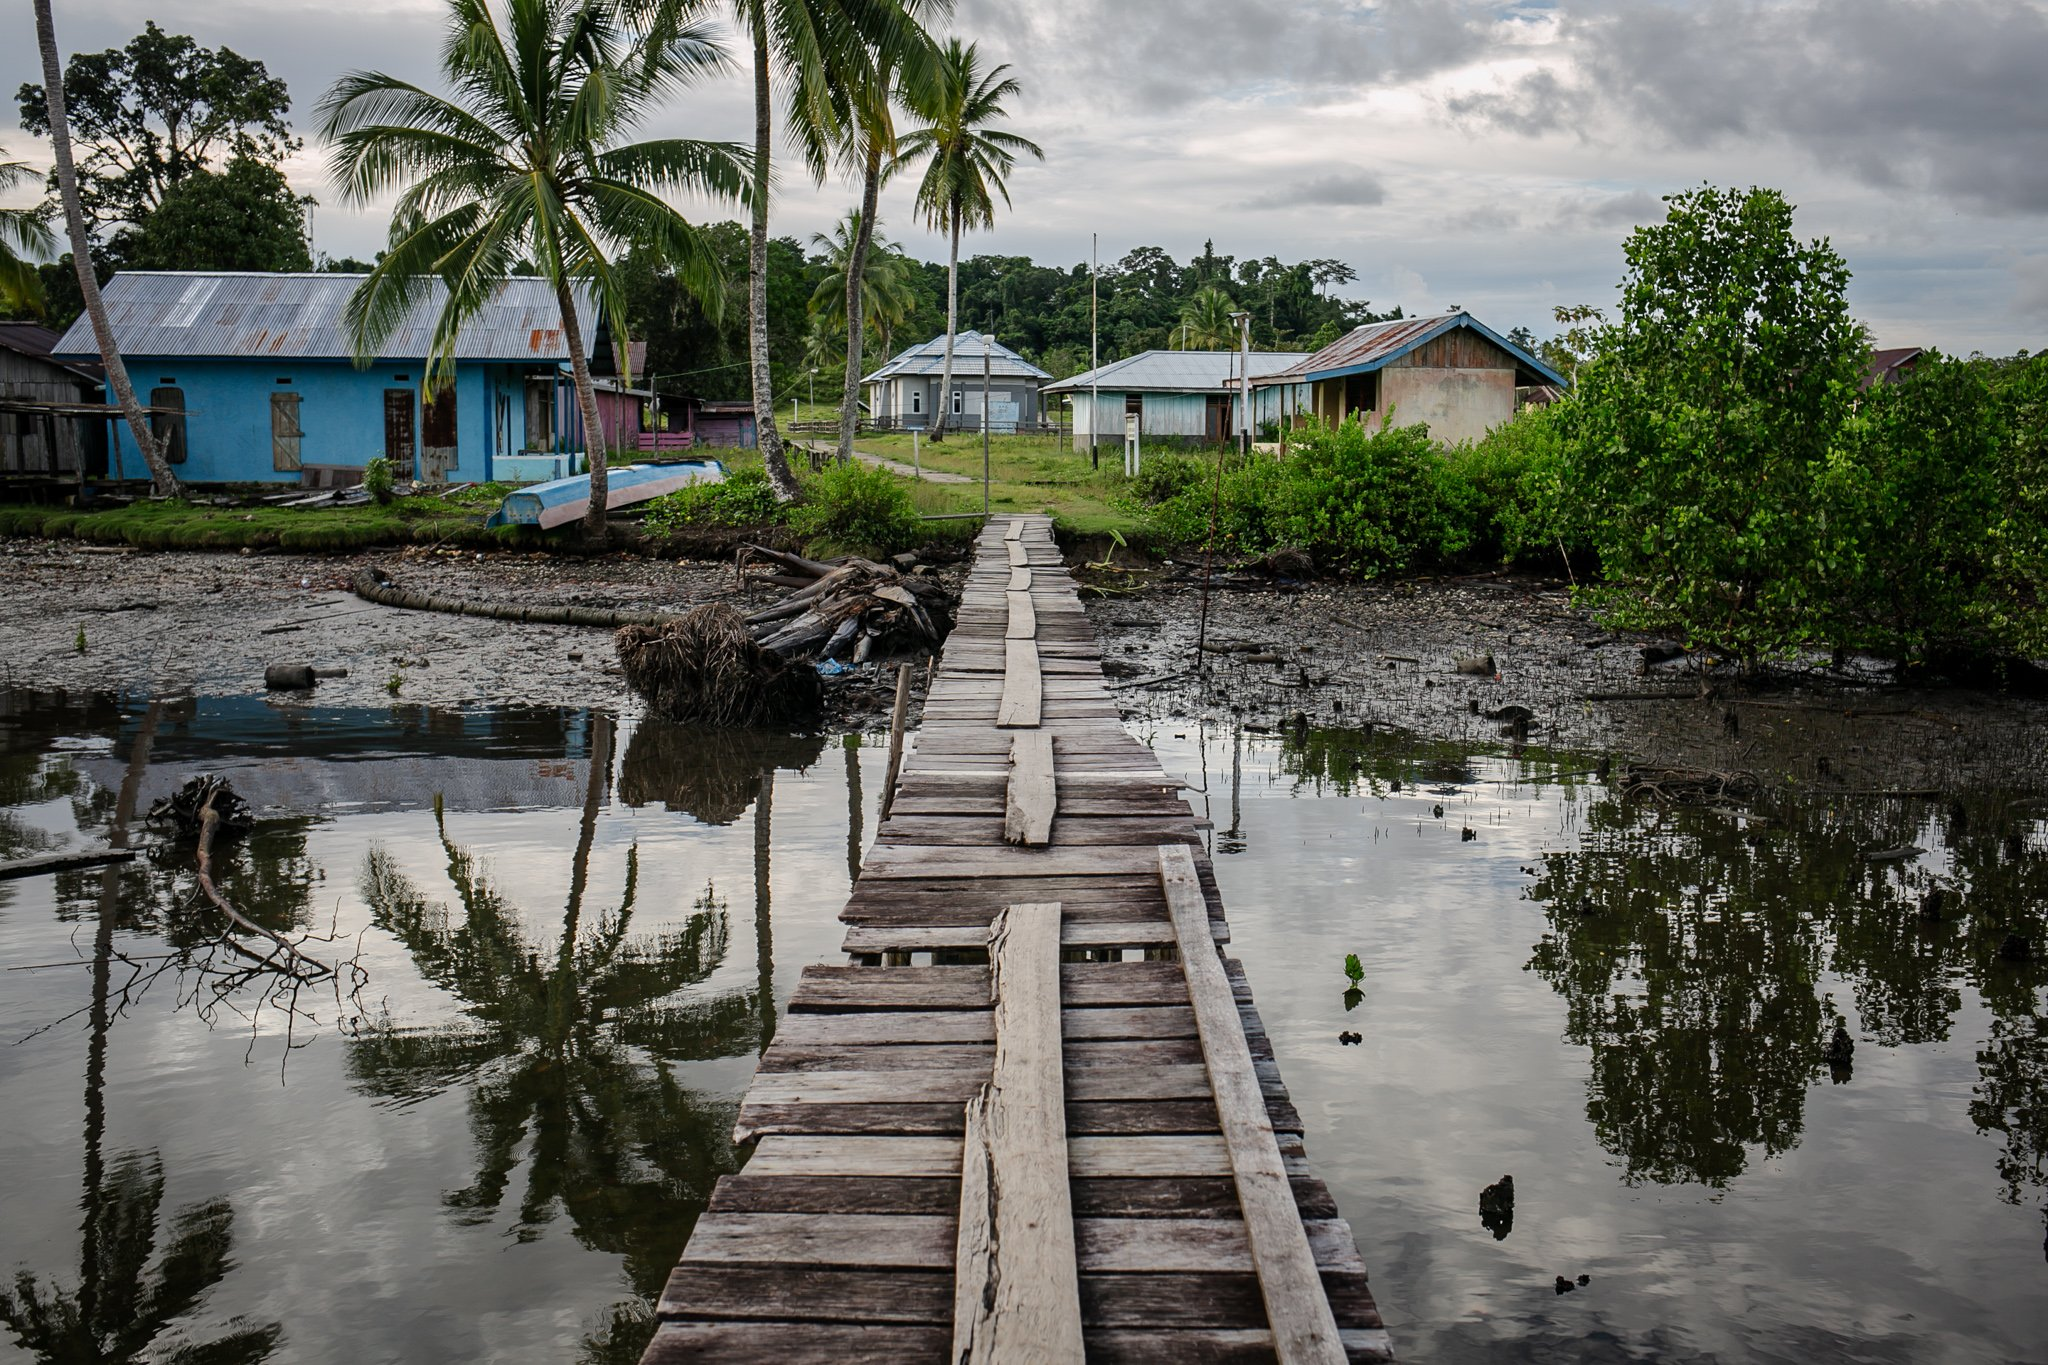 Suasana siang hari di Distrik Segun, Kabupaten Sorong, Papua Barat, Minggu, (19/9/2021). Mayoritas masyarakat di Kampung Adat ini merupakan masyarakat aseli Suku Moi, Sebanyak 42 KK dan 280 jiwa bermukim di wilayah distrik perairan ujung Kabupaten Sorong.